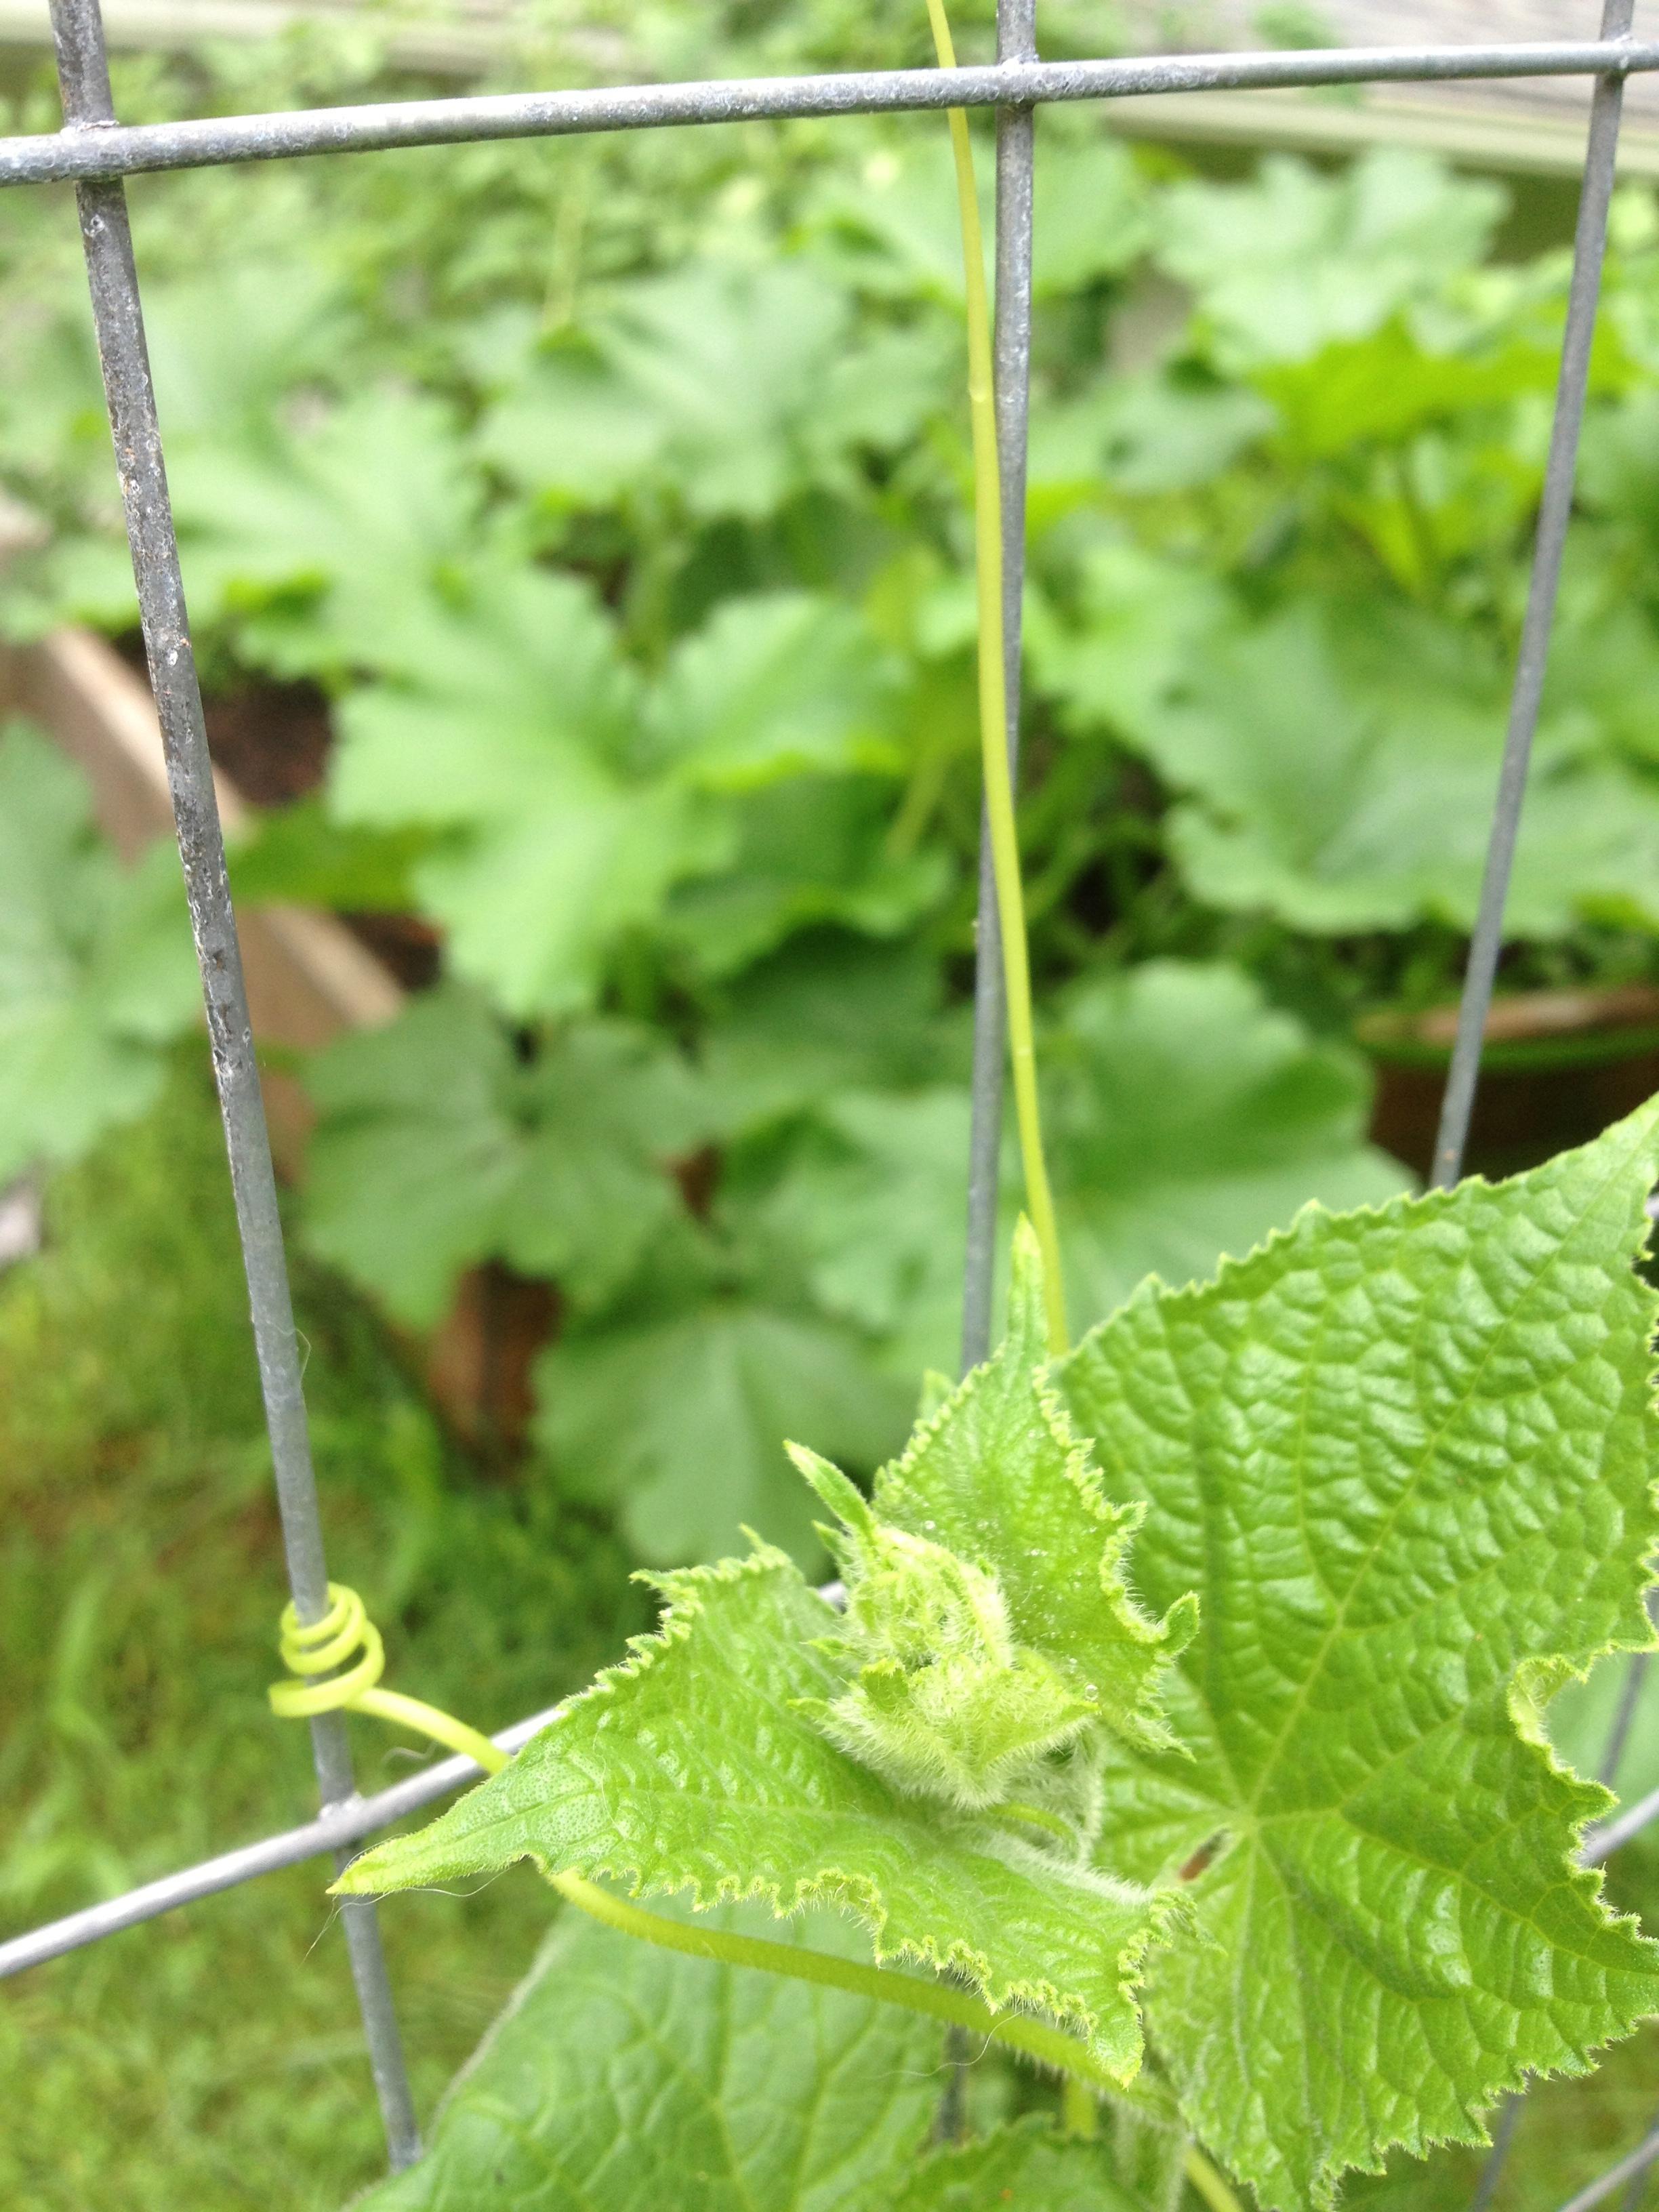 Cucumber tendrils.